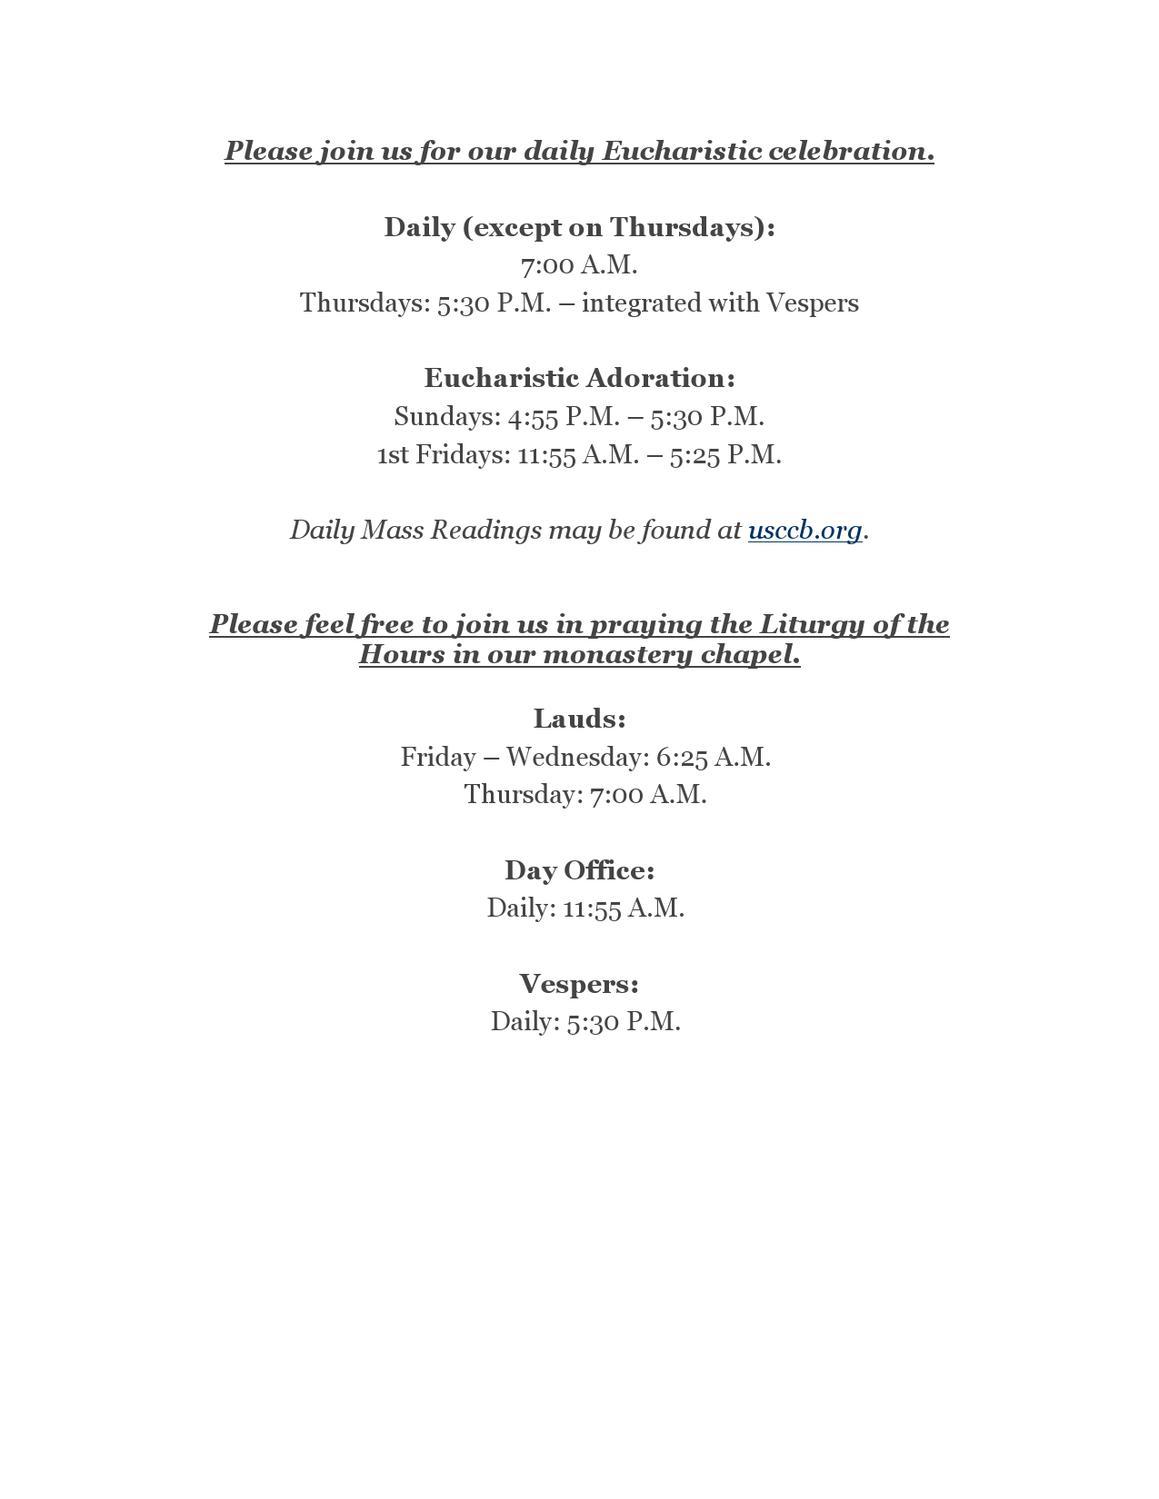 Immaculata Monastery Prayer Schedule by Melissa Haen - issuu